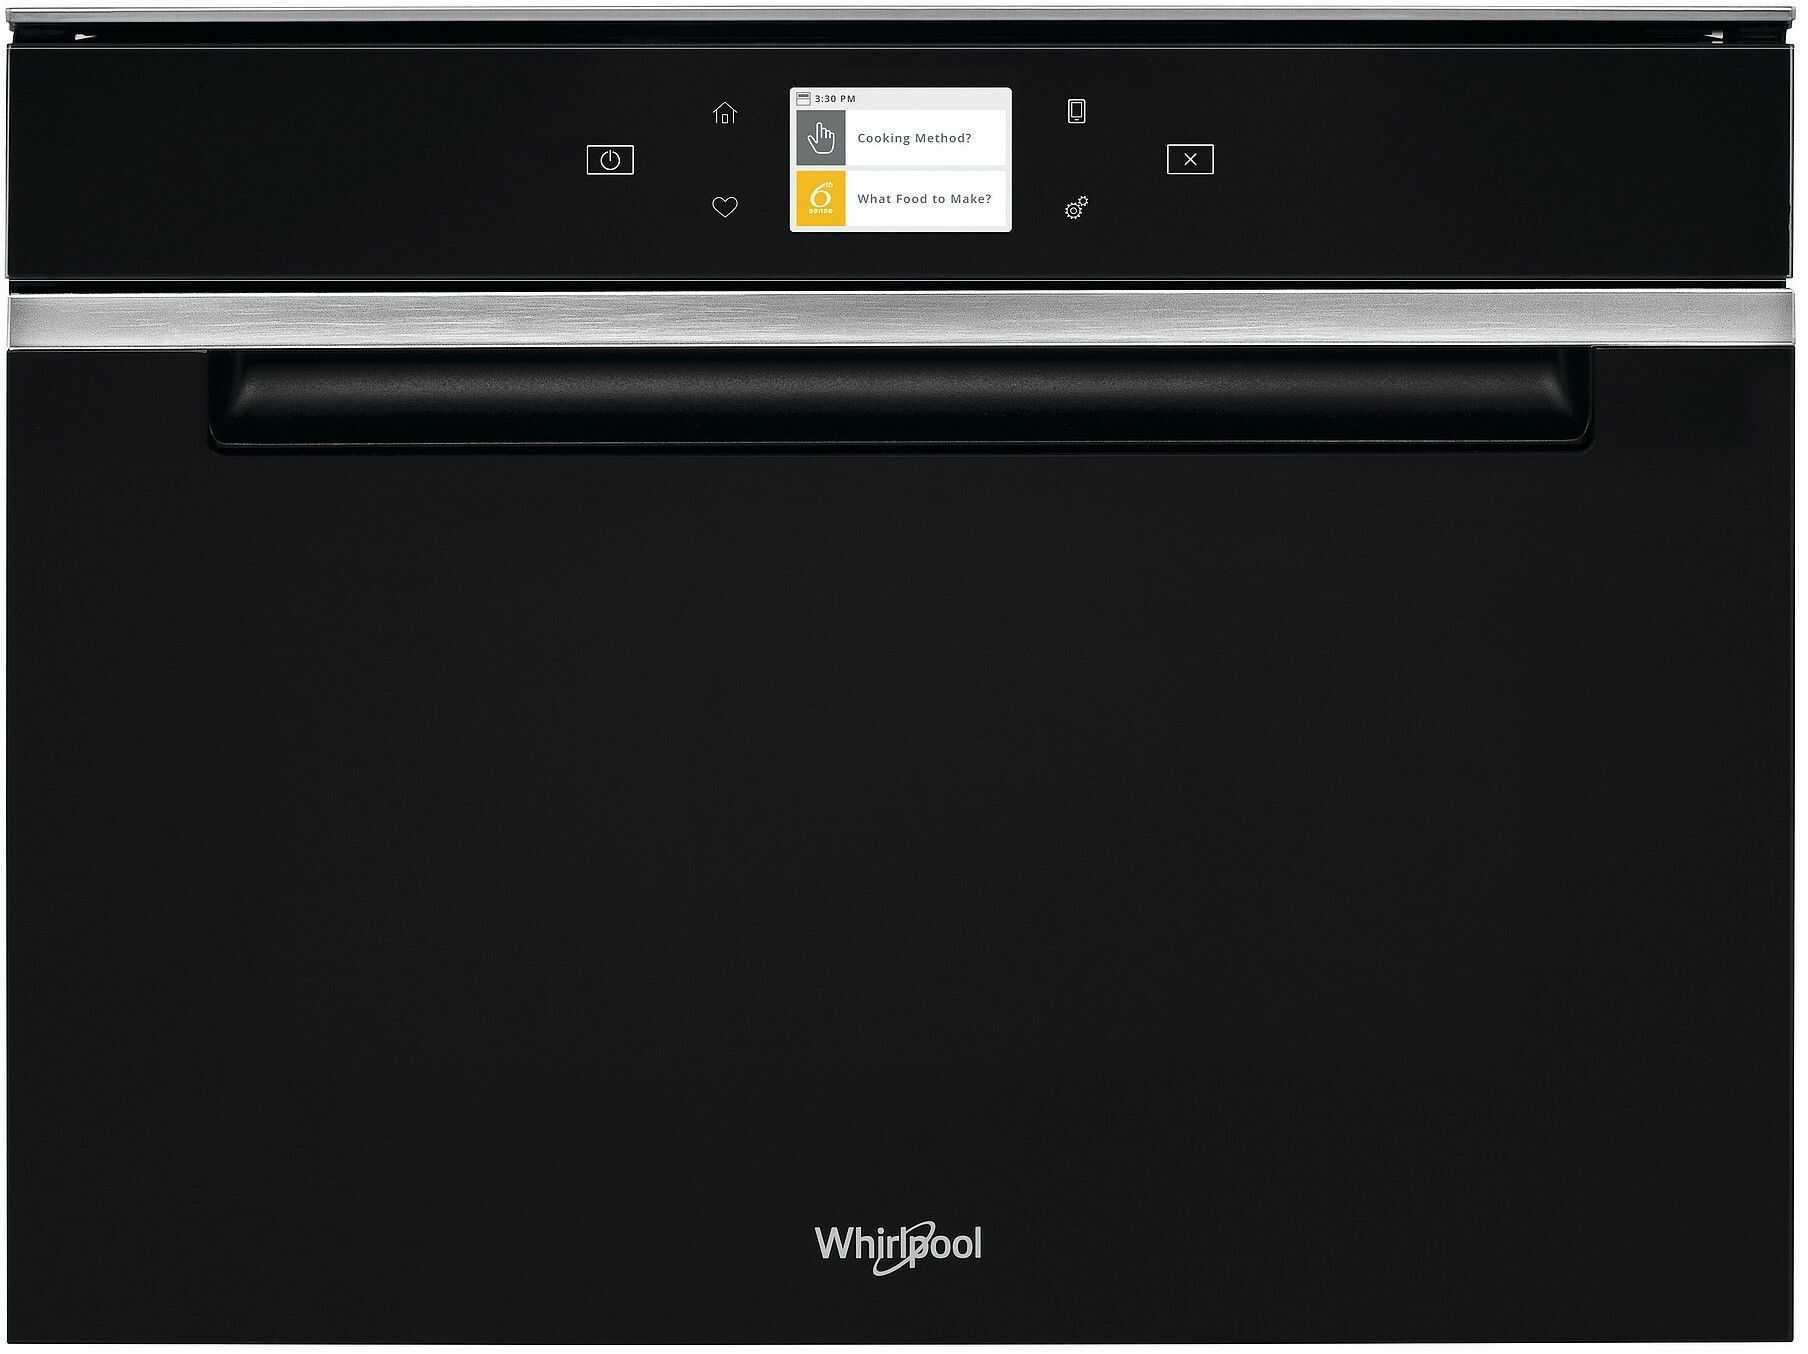 Mikrofala Whirlpool W9IMW261 i żelazko Electrolux EDBT800 ! I tel. (22) 266 82 20 I Raty 10 X 0 % I kto pyta płaci mniej I Płatności online !